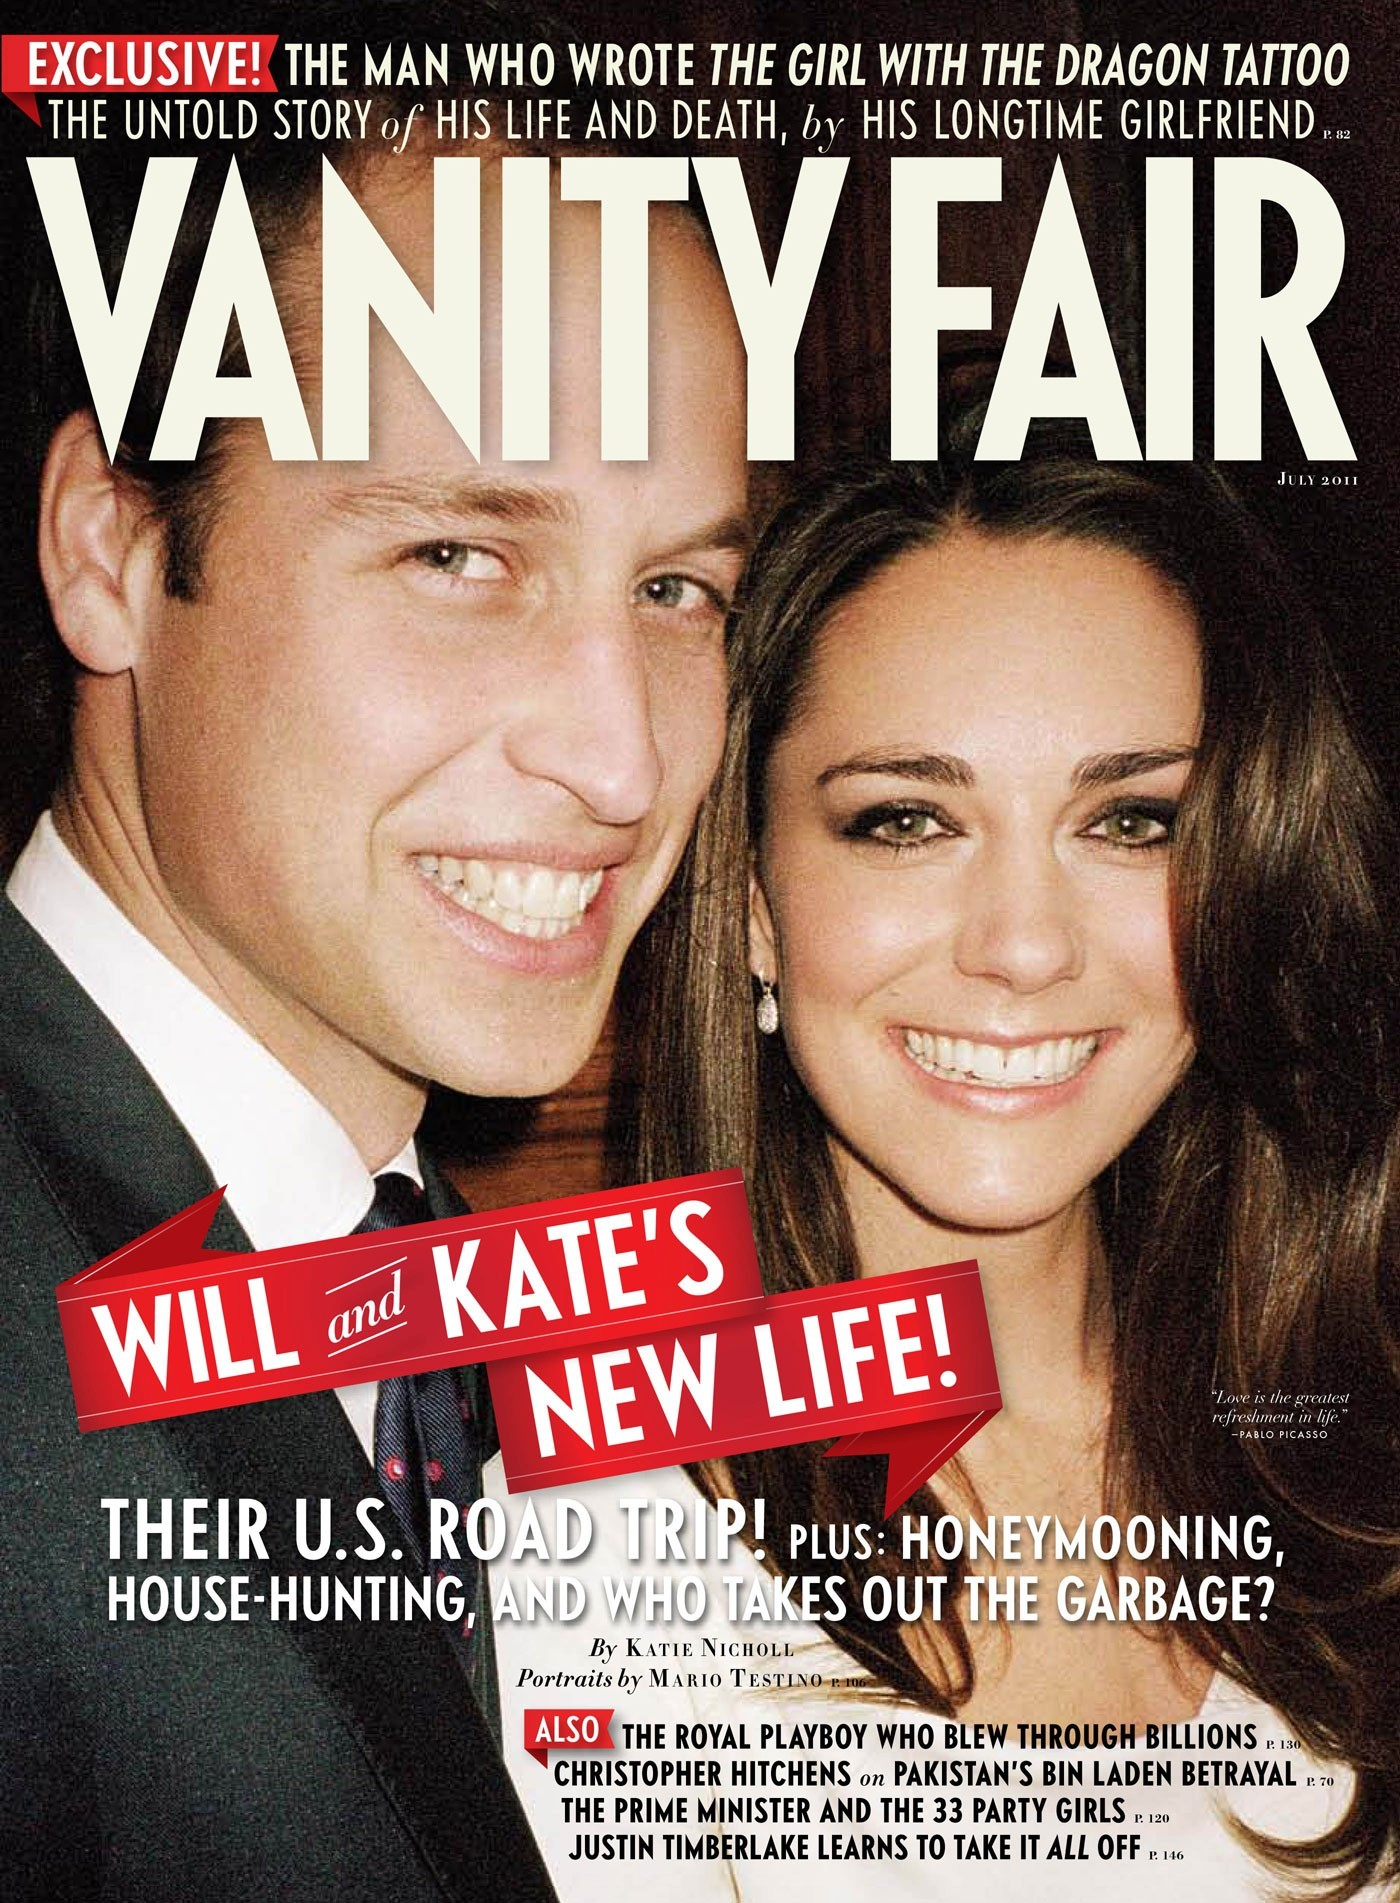 Vanity Fair July Cover